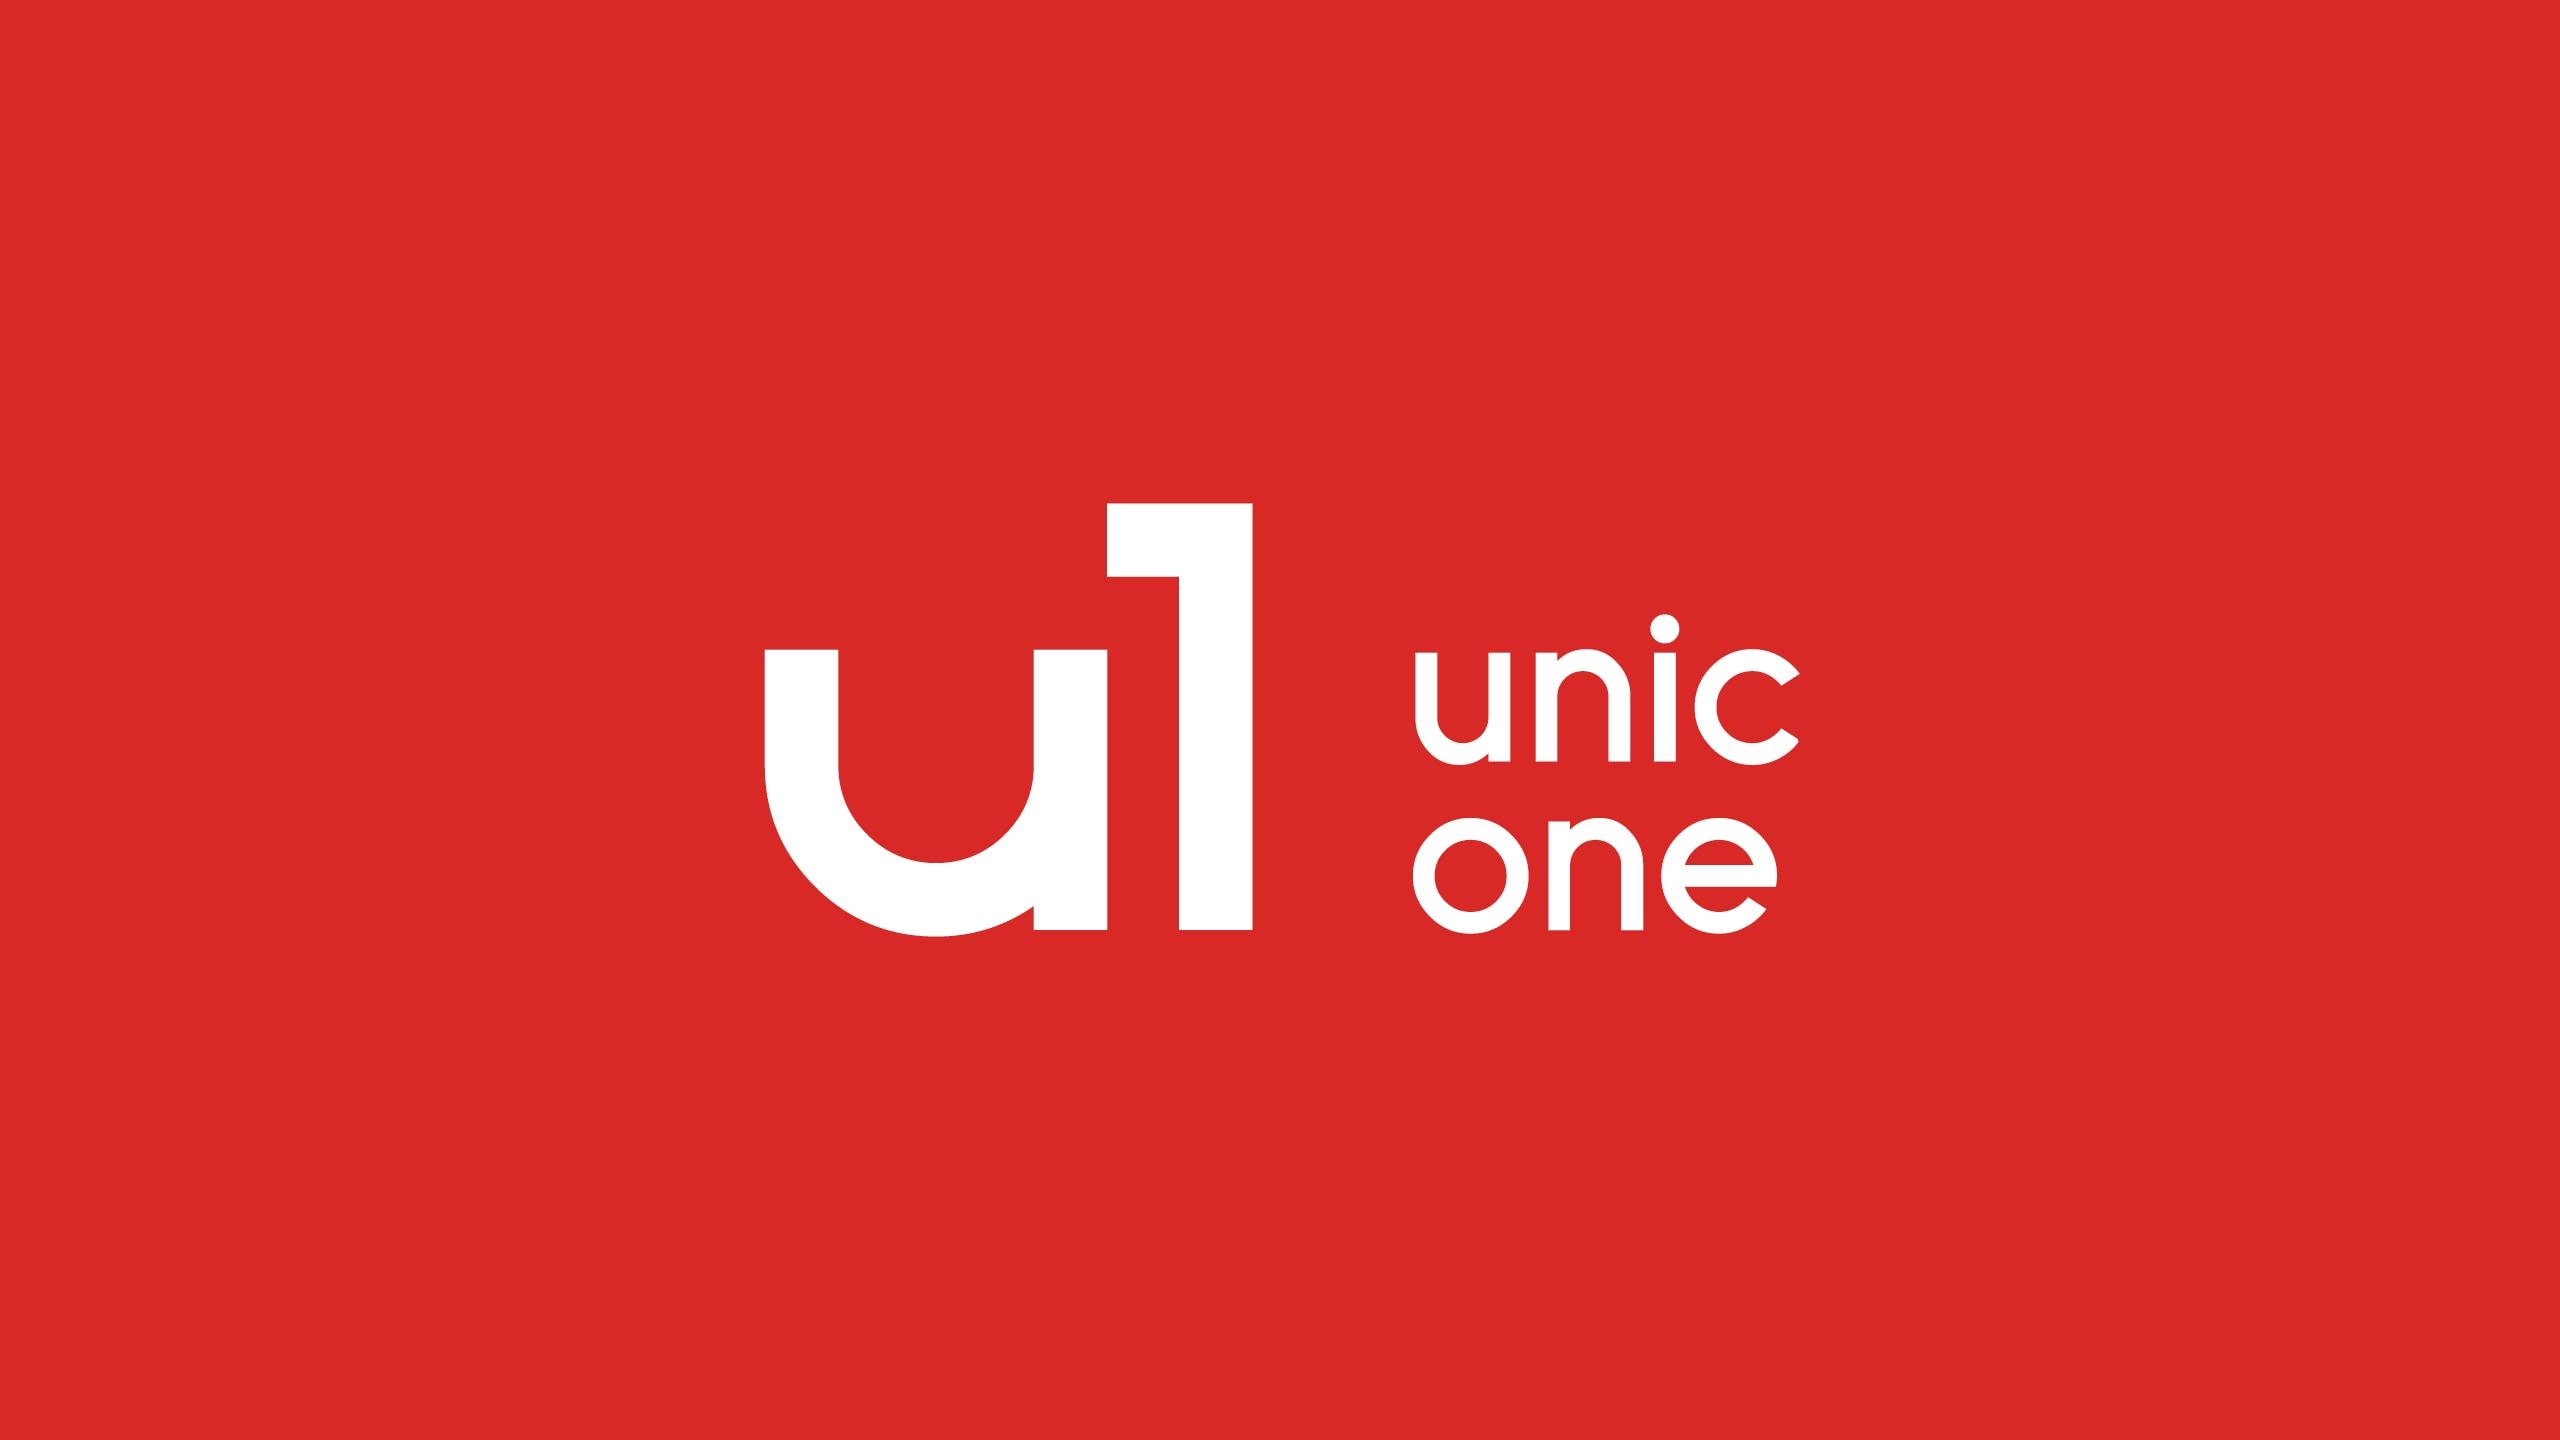 UnicOne_7